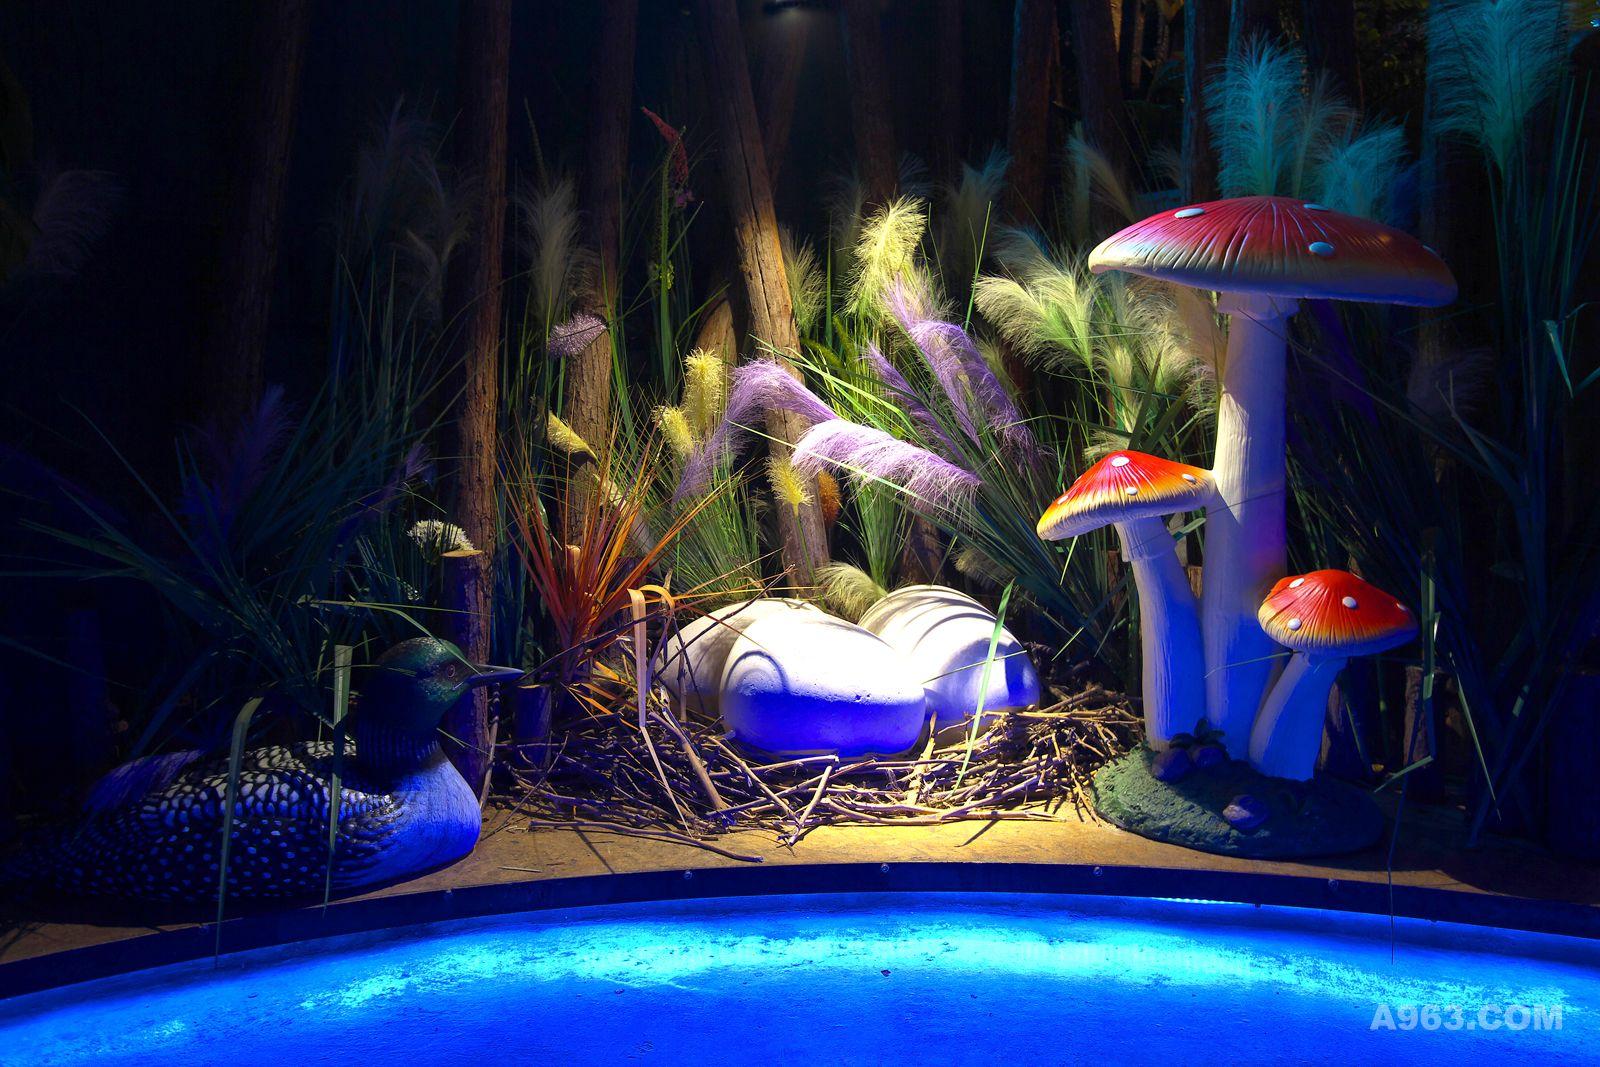 邢台神秘花园餐厅—一条童话故事里的小河